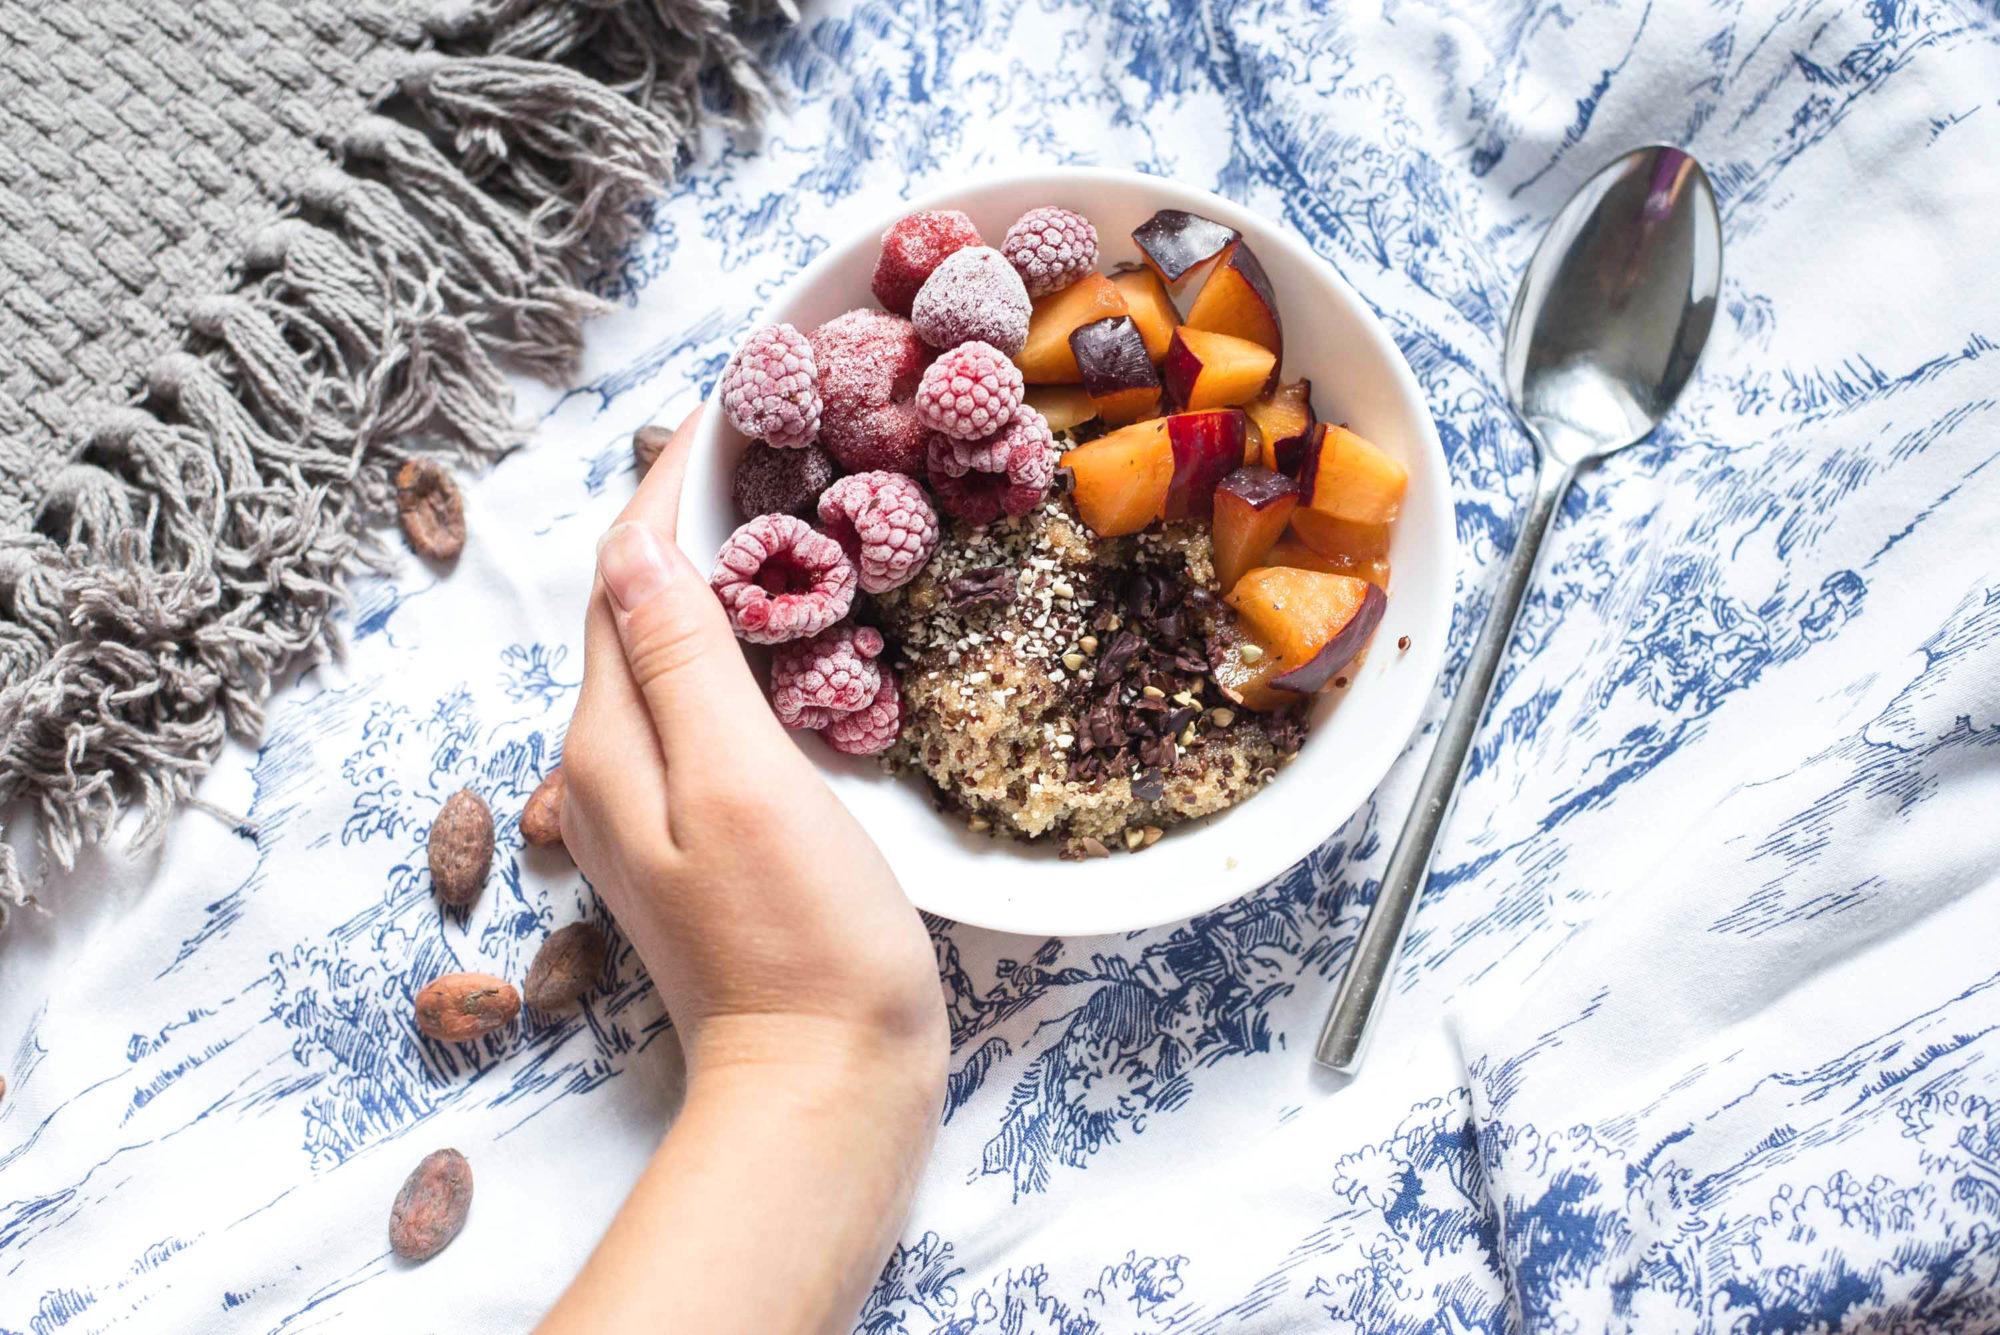 wo eisen her bekommen vegan ernährung veganer amaranth quinoa porridge früchte vitamin c